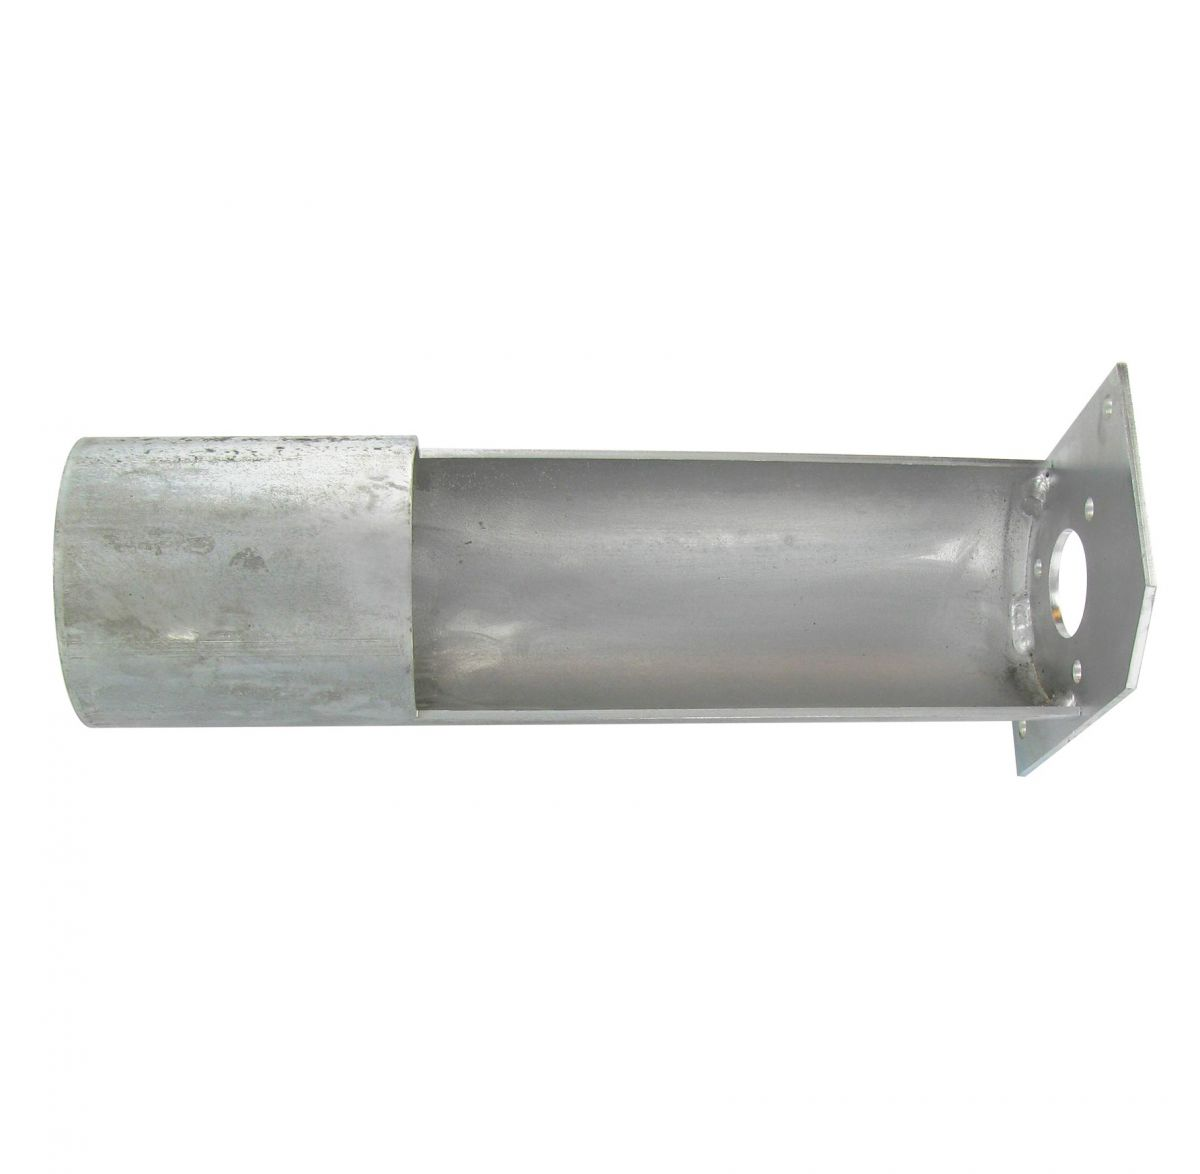 support pour moteur et tube de vis sans fin